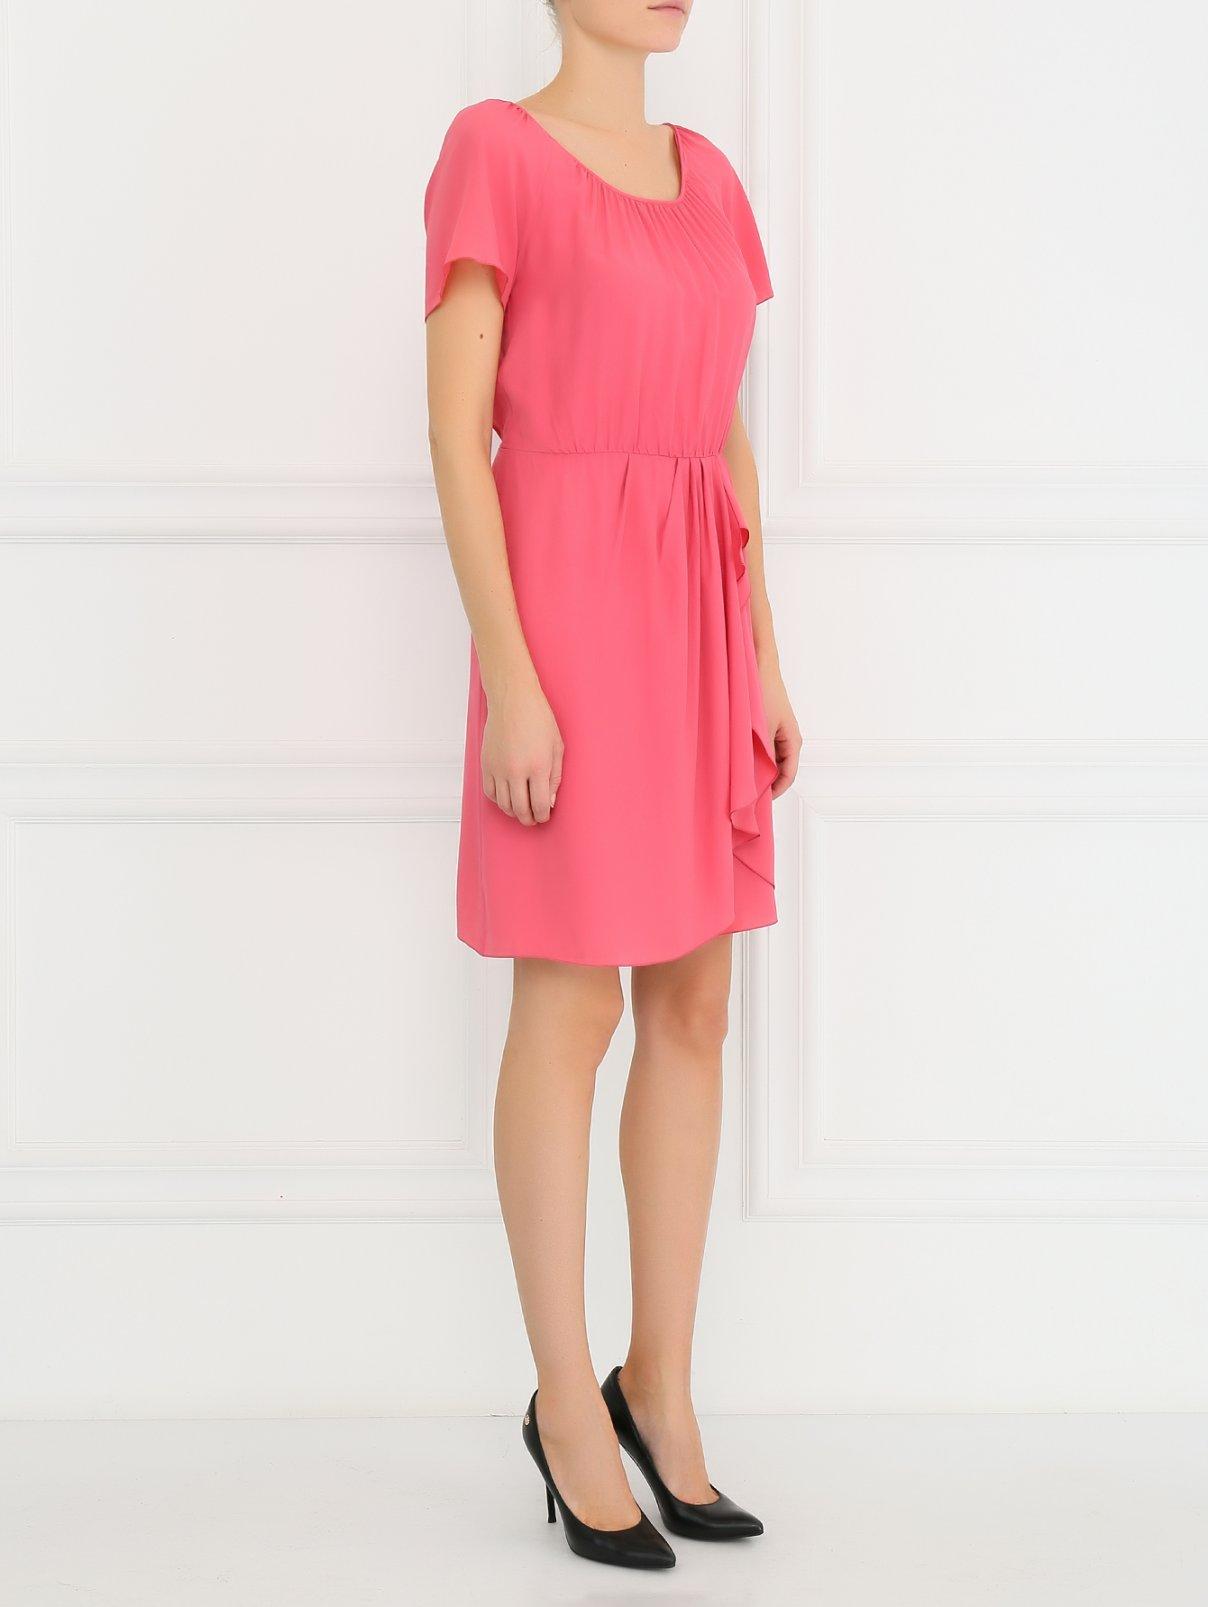 Платье-мини с драпировкой Philosophy di Alberta Ferretti  –  Модель Общий вид  – Цвет:  Розовый